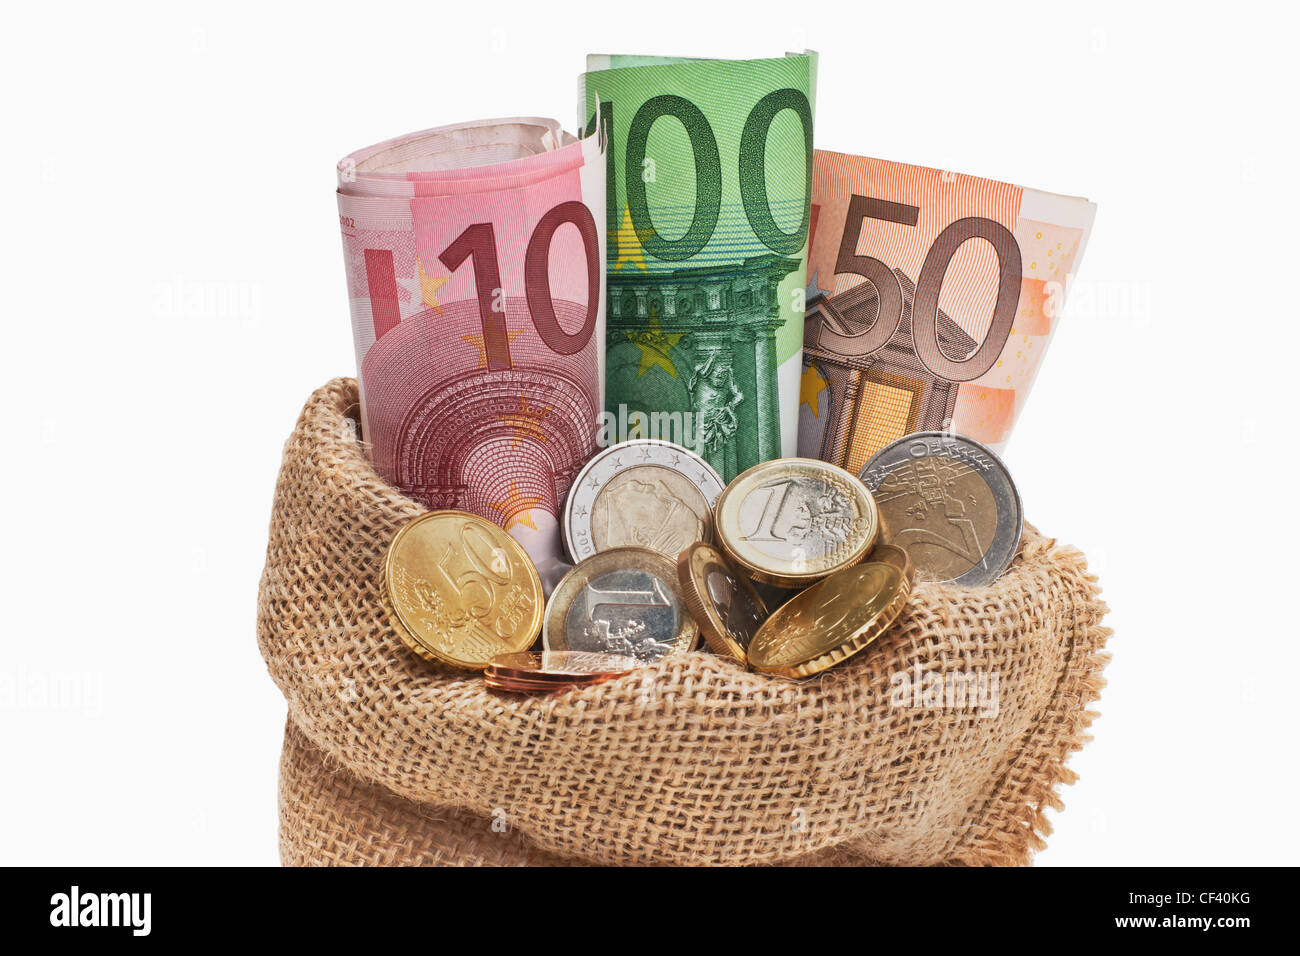 Viele Euro Banknoten und Münzen befinden sich in einem Jutesack.   Many Euro bills and coins in a jute bag, - Stock Image